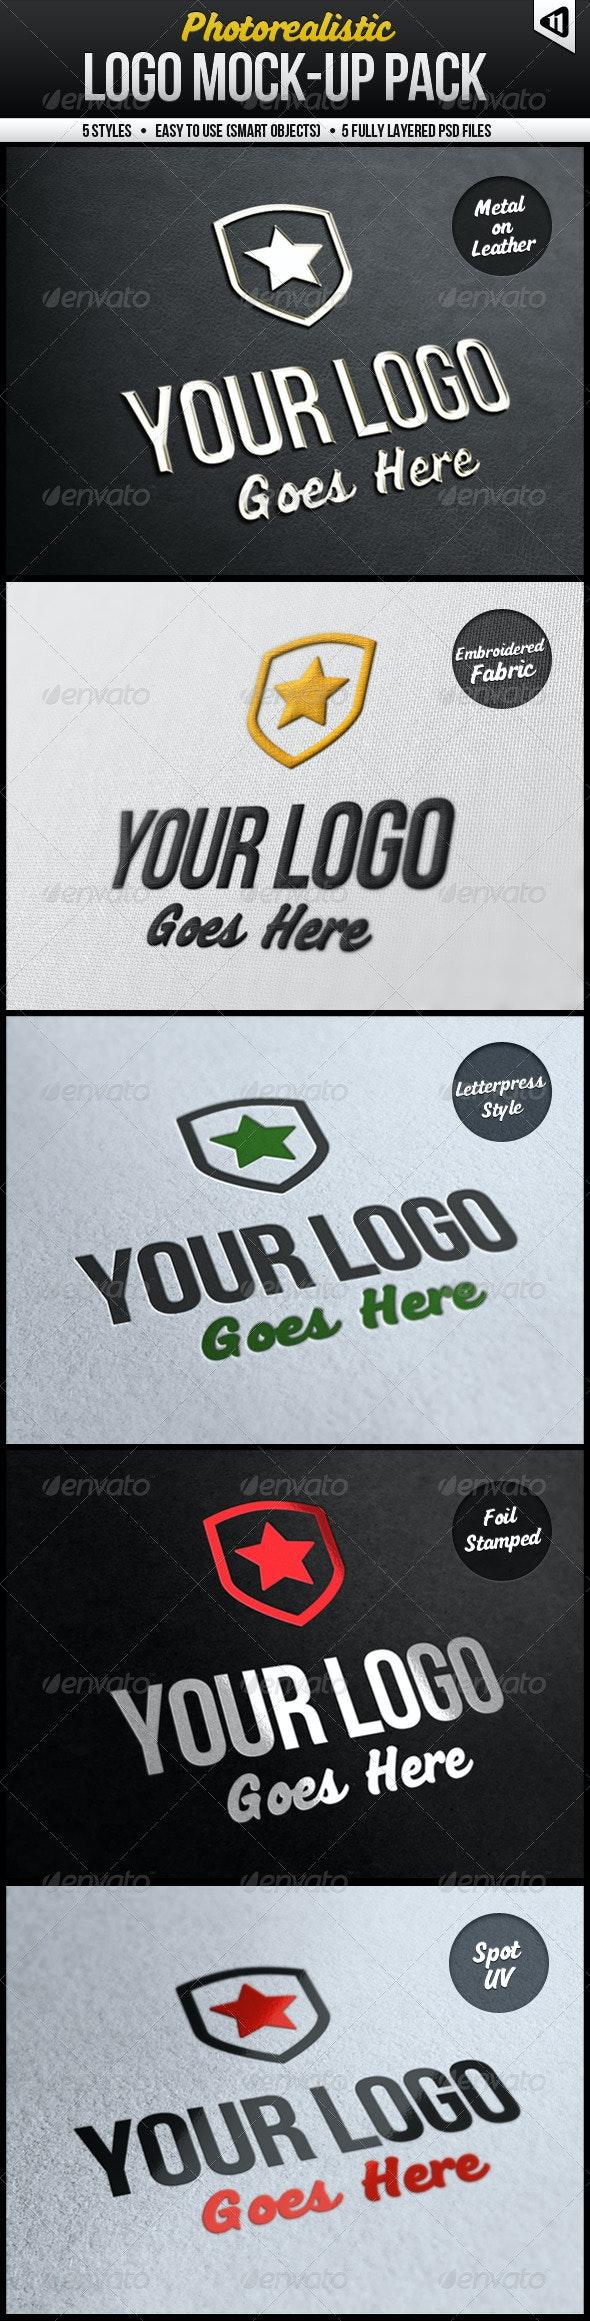 Photorealistic Logo Mock-Up Pack - Logo Product Mock-Ups